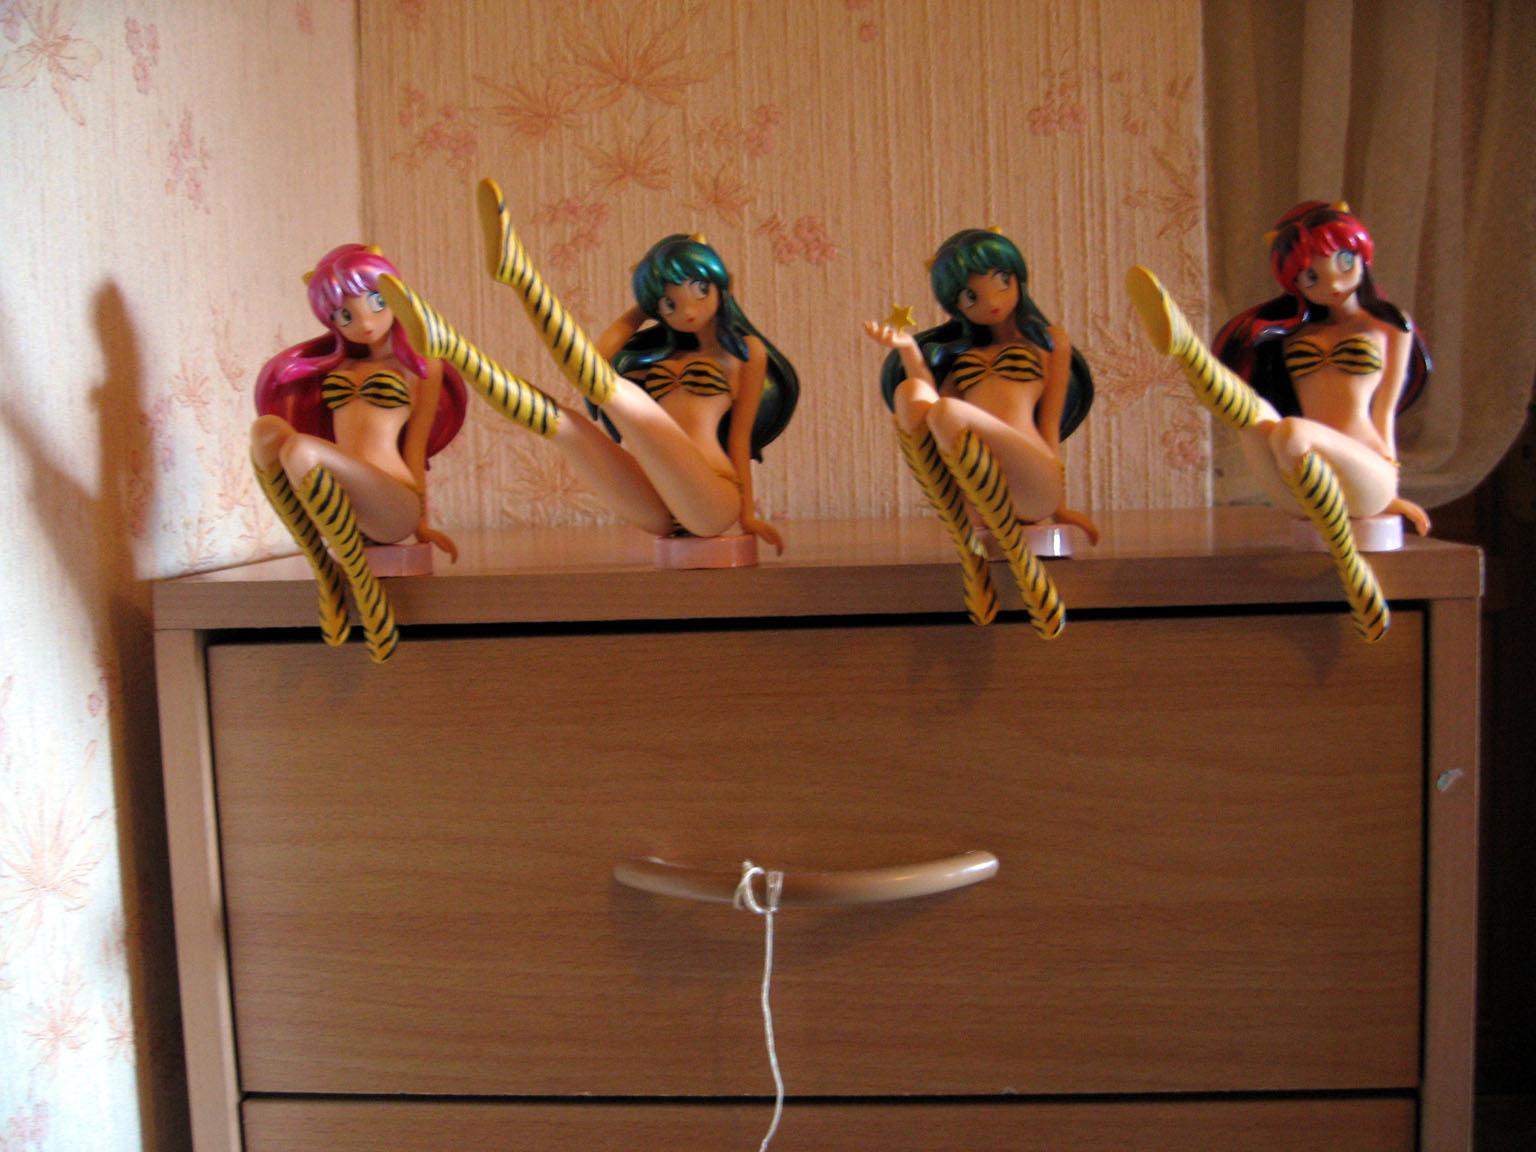 green_hair sitting bikini horns star long_hair pink_hair red_hair tiger_striped urusei_yatsura kaiyodo bome knee_boots bottle_cap lum_invader